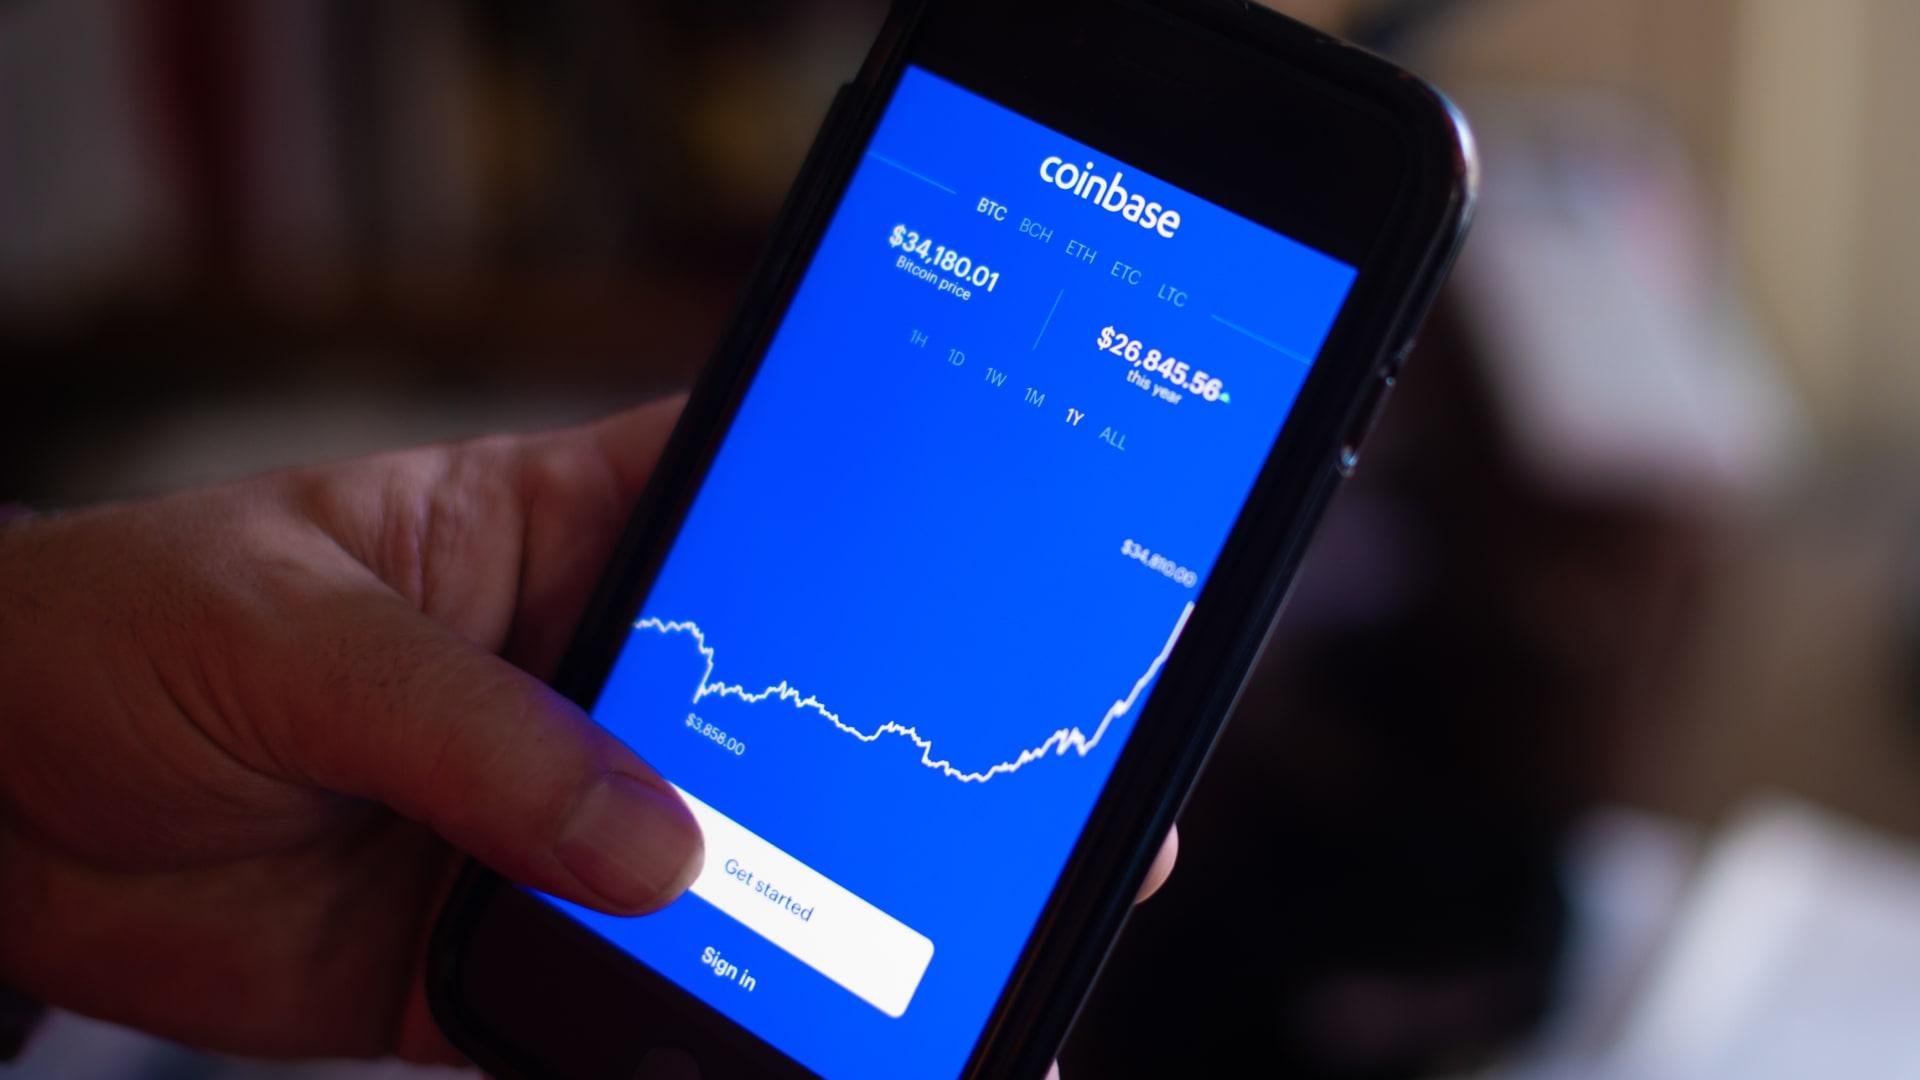 """""""كوينبيز"""" تطرح للاكتتاب العام بقيمة سوقية تقارب 100 مليار دولار"""